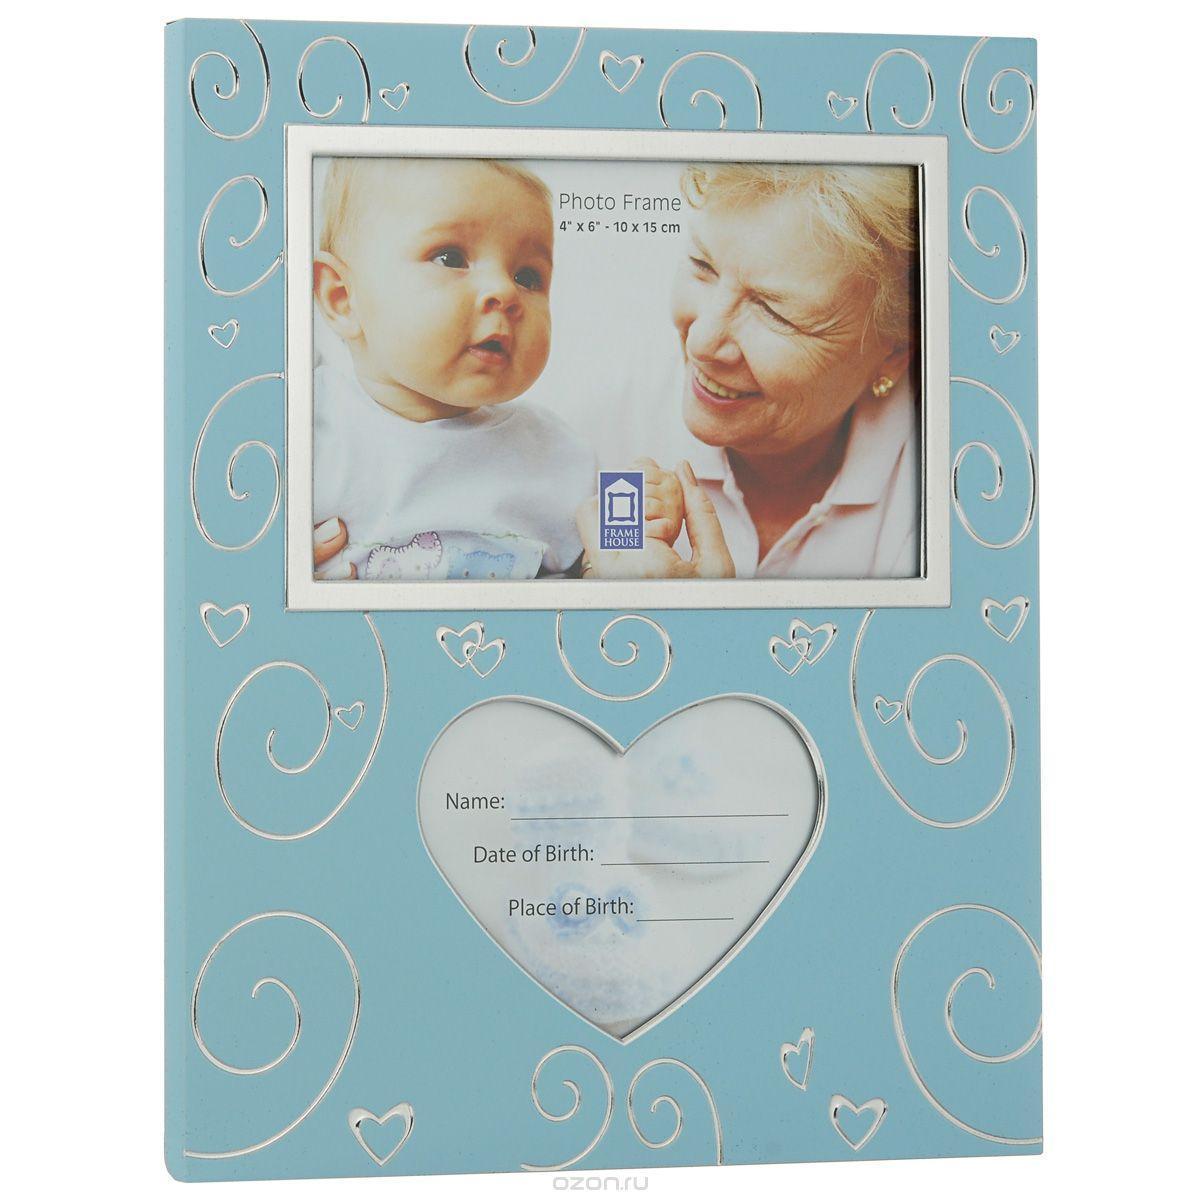 ФоторамкаPATA T8715N 10X15 для мальчиков38795Фоторамка PATA - прекрасный способ красиво оформить фотографию вашего малыша. Фоторамка выполнена из металла, покрытого краской голубого цвета, и украшена красивым рельефом. Внизу расположено поле в виде сердечка для записи имени, даты рождения и места рождения вашего ребенка. Фоторамку можно поставить на стол с помощью специальной ножки или подвесить на стену, для чего с задней стороны предусмотрены отверстия. Такая фоторамка поможет сохранить на память самые яркие моменты вашей жизни, а стильный дизайн сделает ее прекрасным дополнением интерьера комнаты.